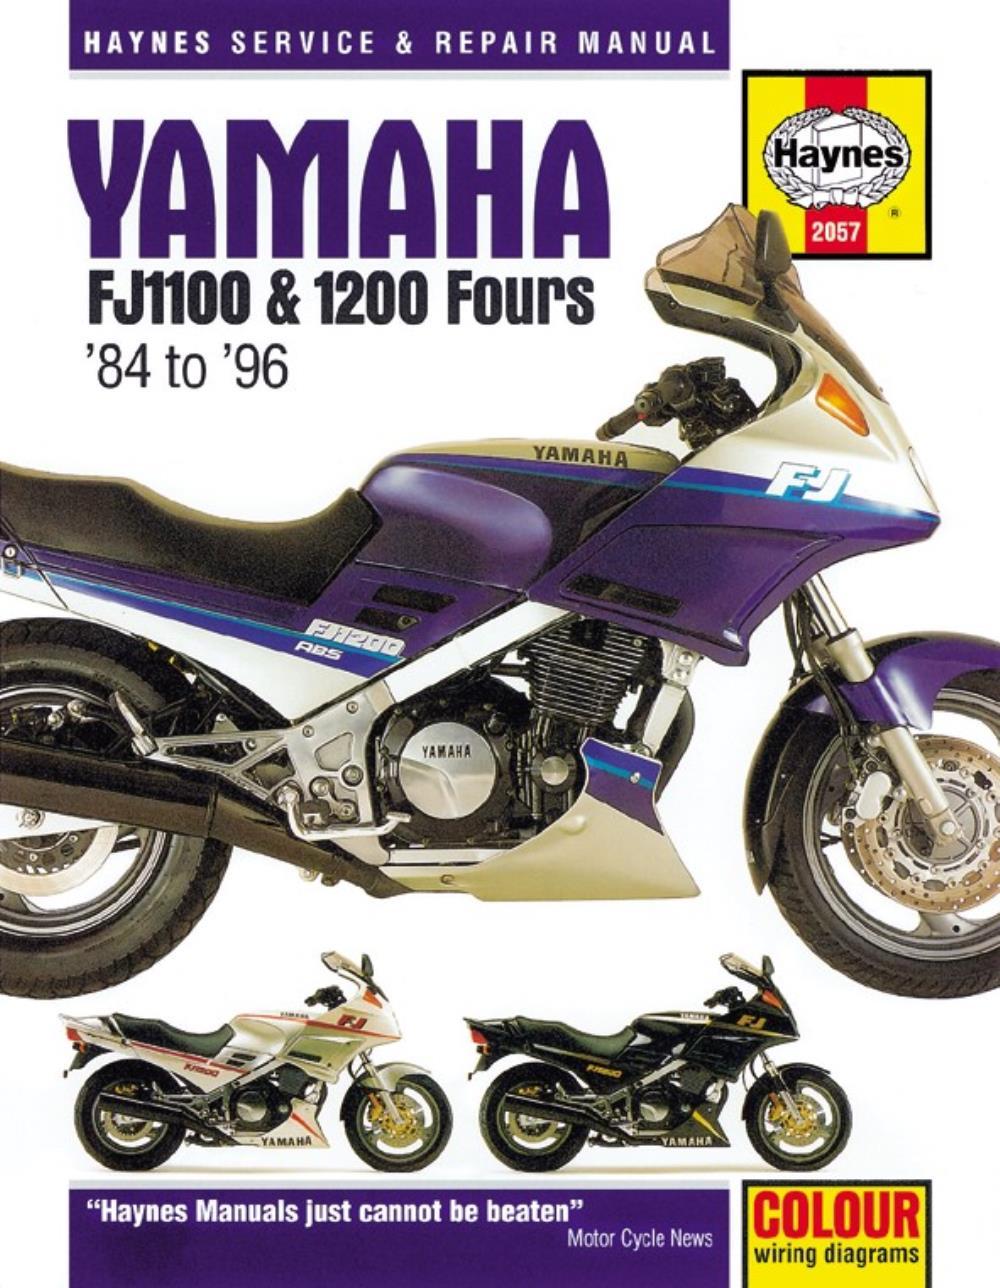 1TX Manual Haynes for 1987 Yamaha FJ 1200 Vehicle Parts ...